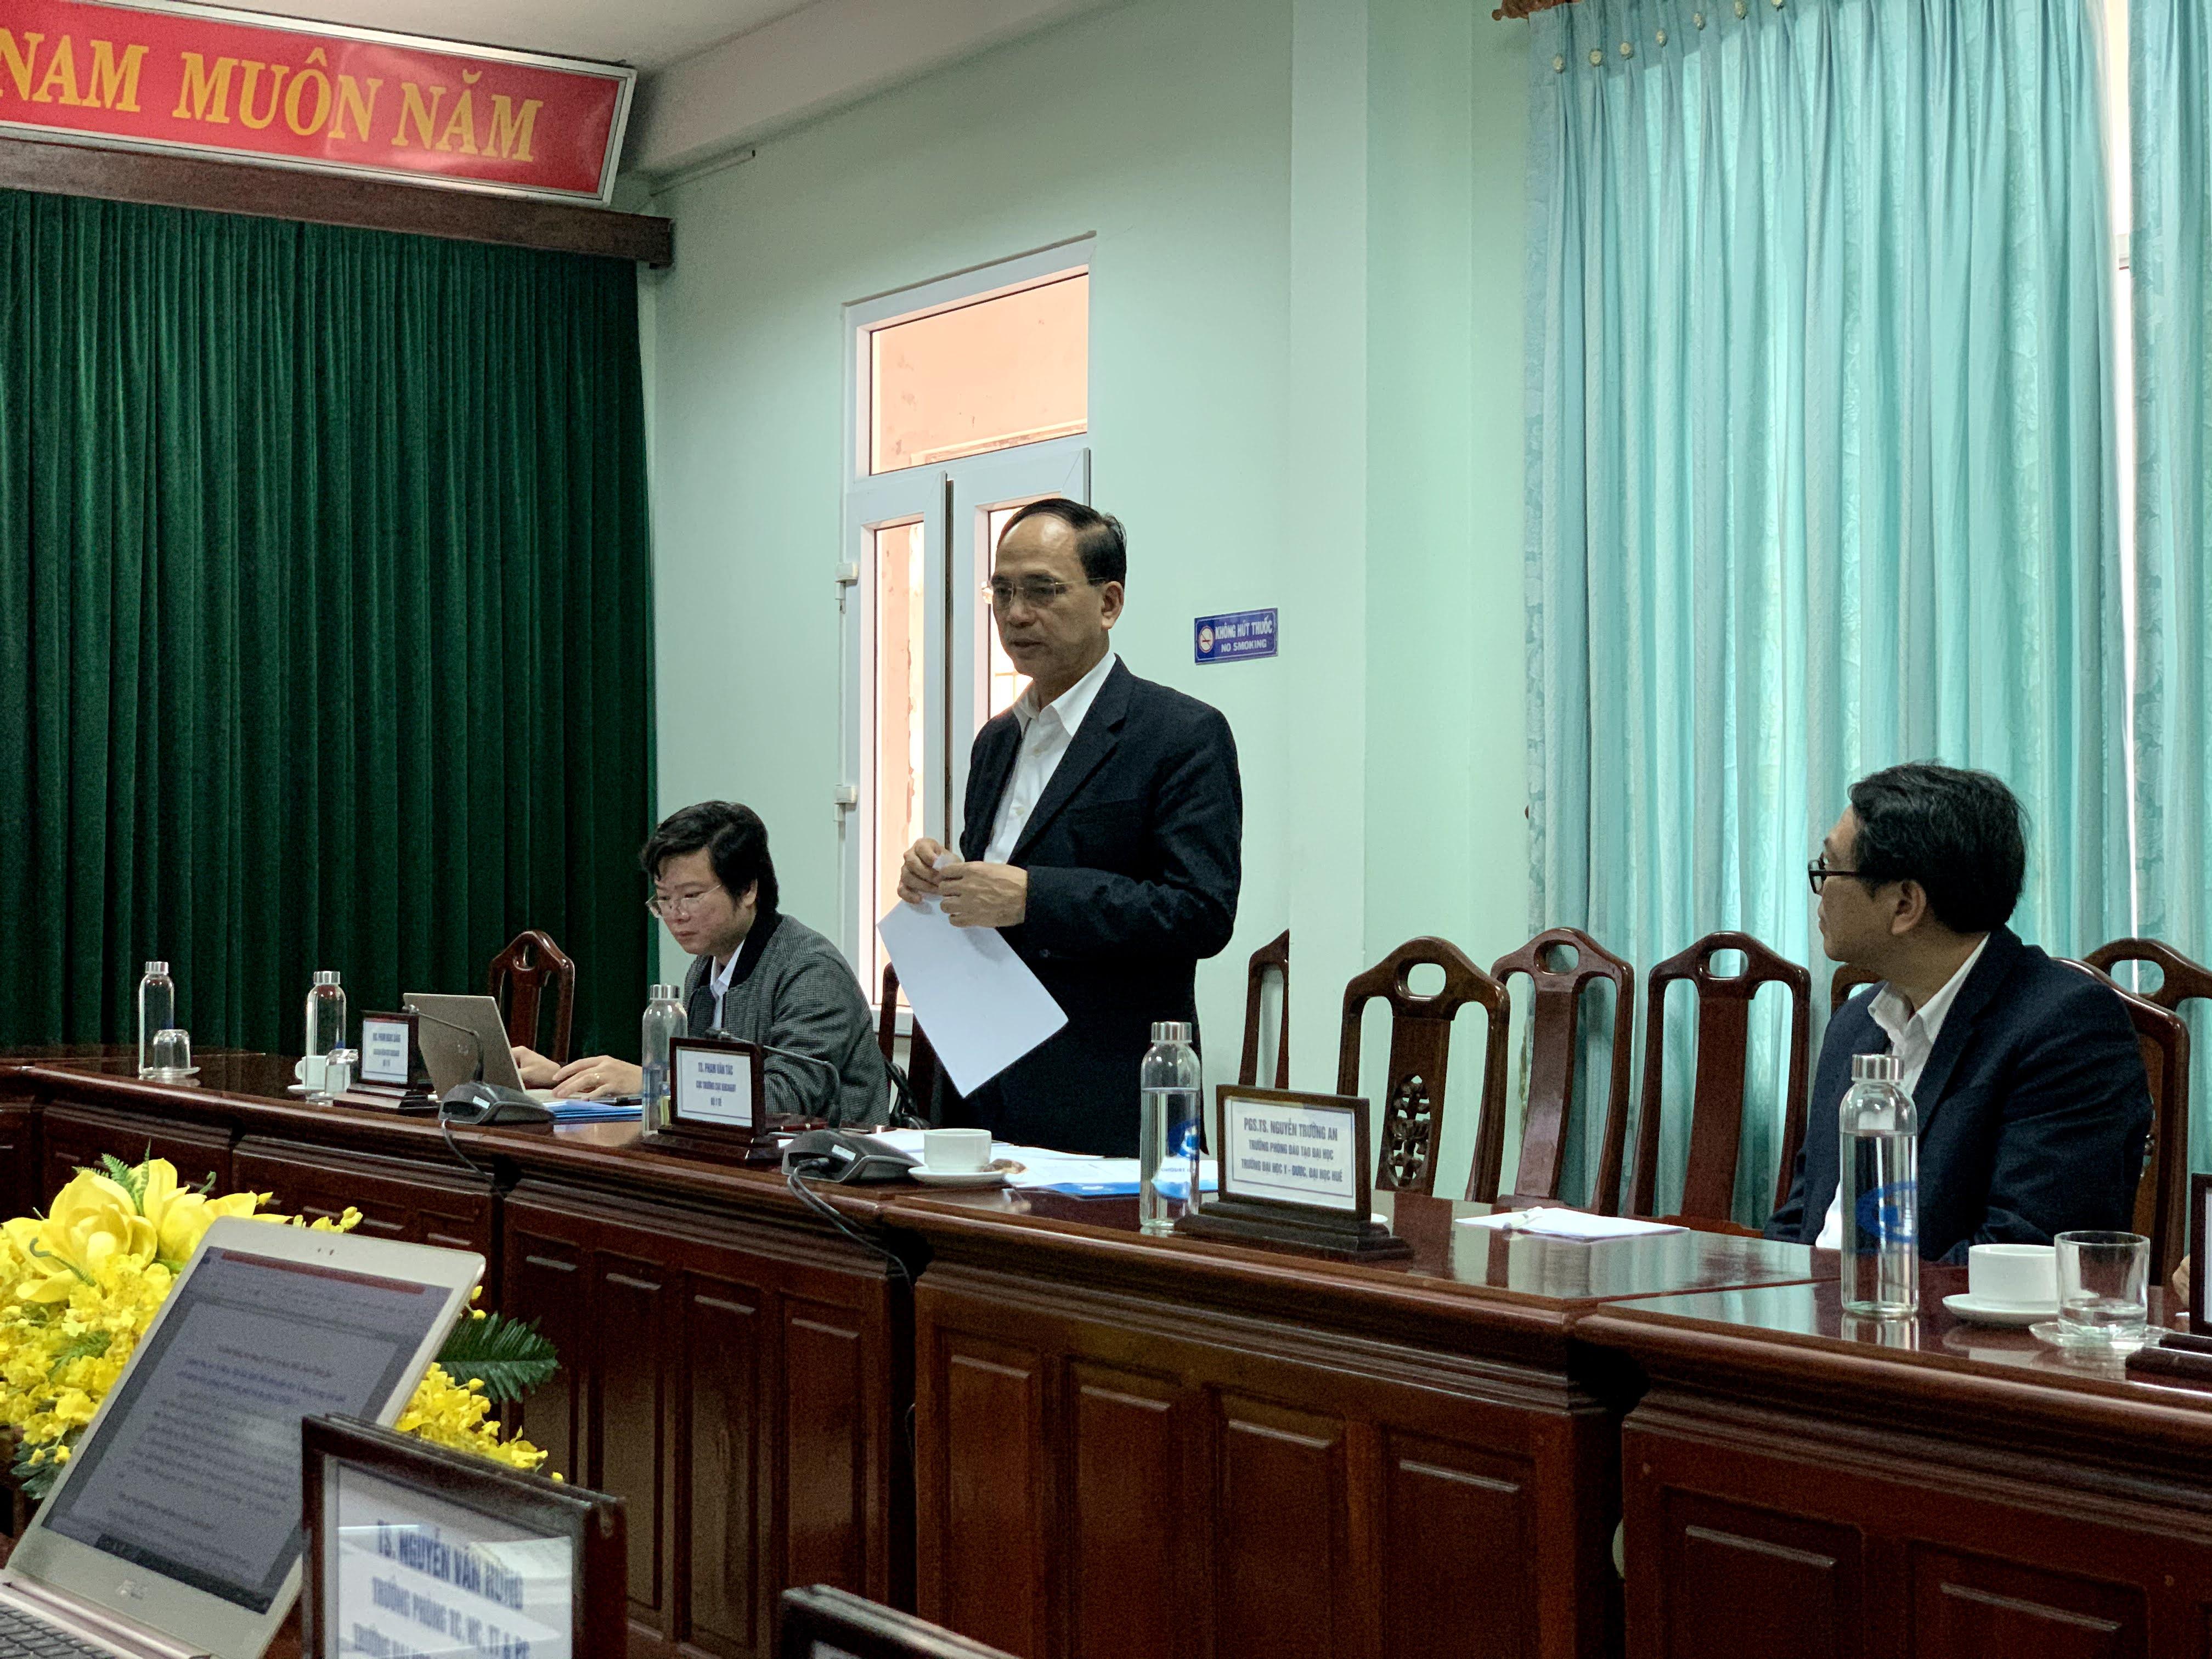 Làm việc với Cục Khoa học Công nghệ và Đào tạo, Bộ Y tế về kế hoạch xây dựng và phát triển Trường giai đoạn 2025-2030